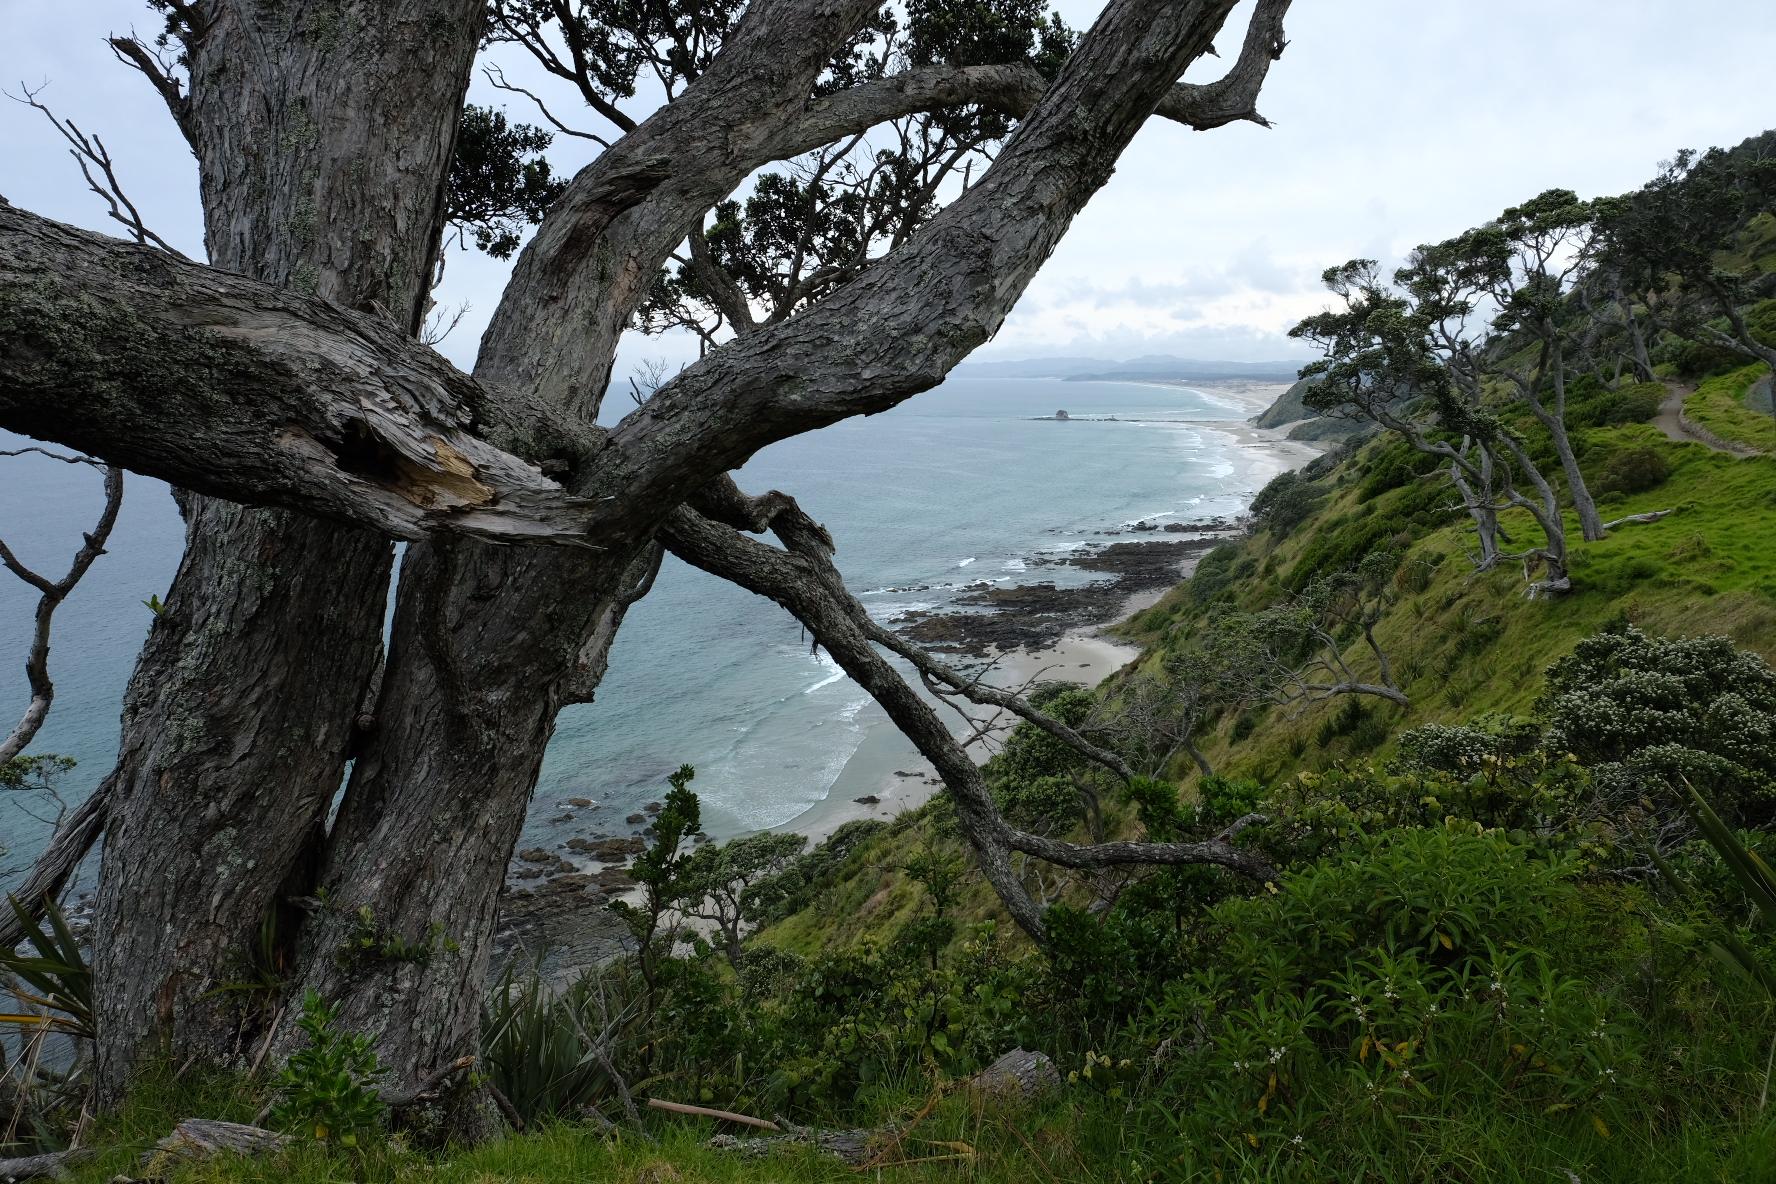 Views along the Mangawhai cliffs path